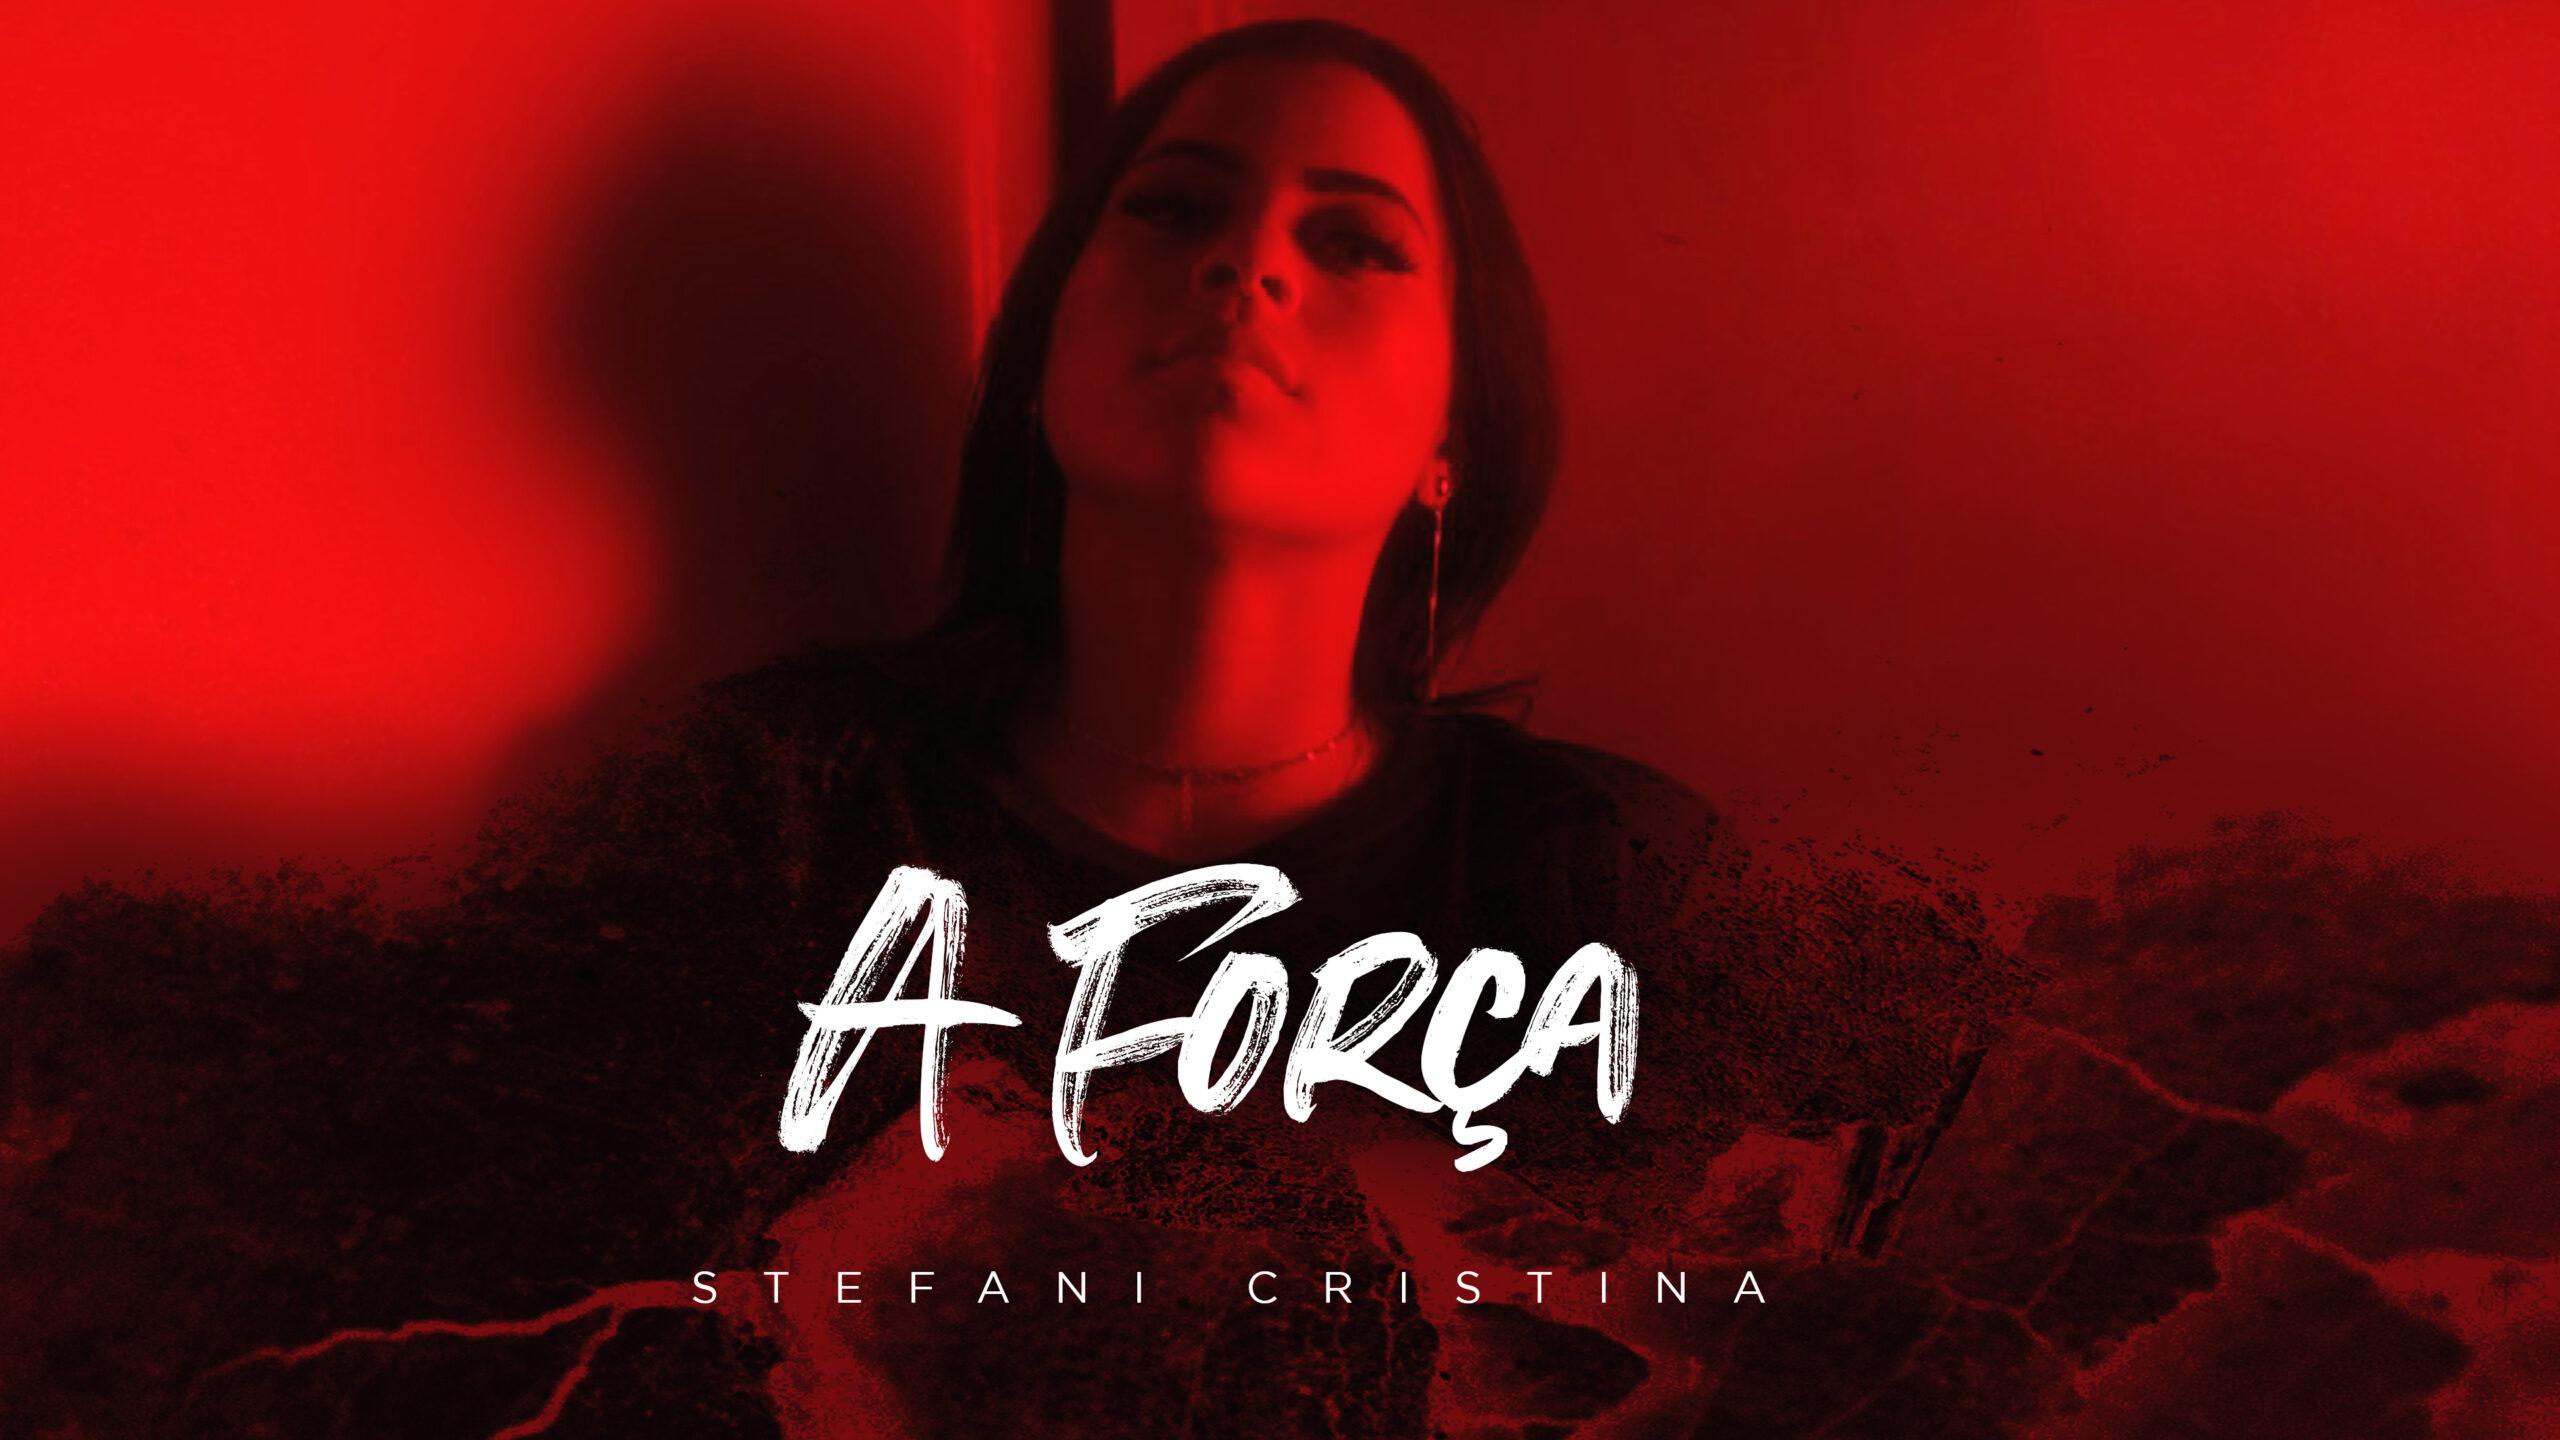 Depressão e ansiedade são temas do primeiro single de Stefani Cristina pela Sony